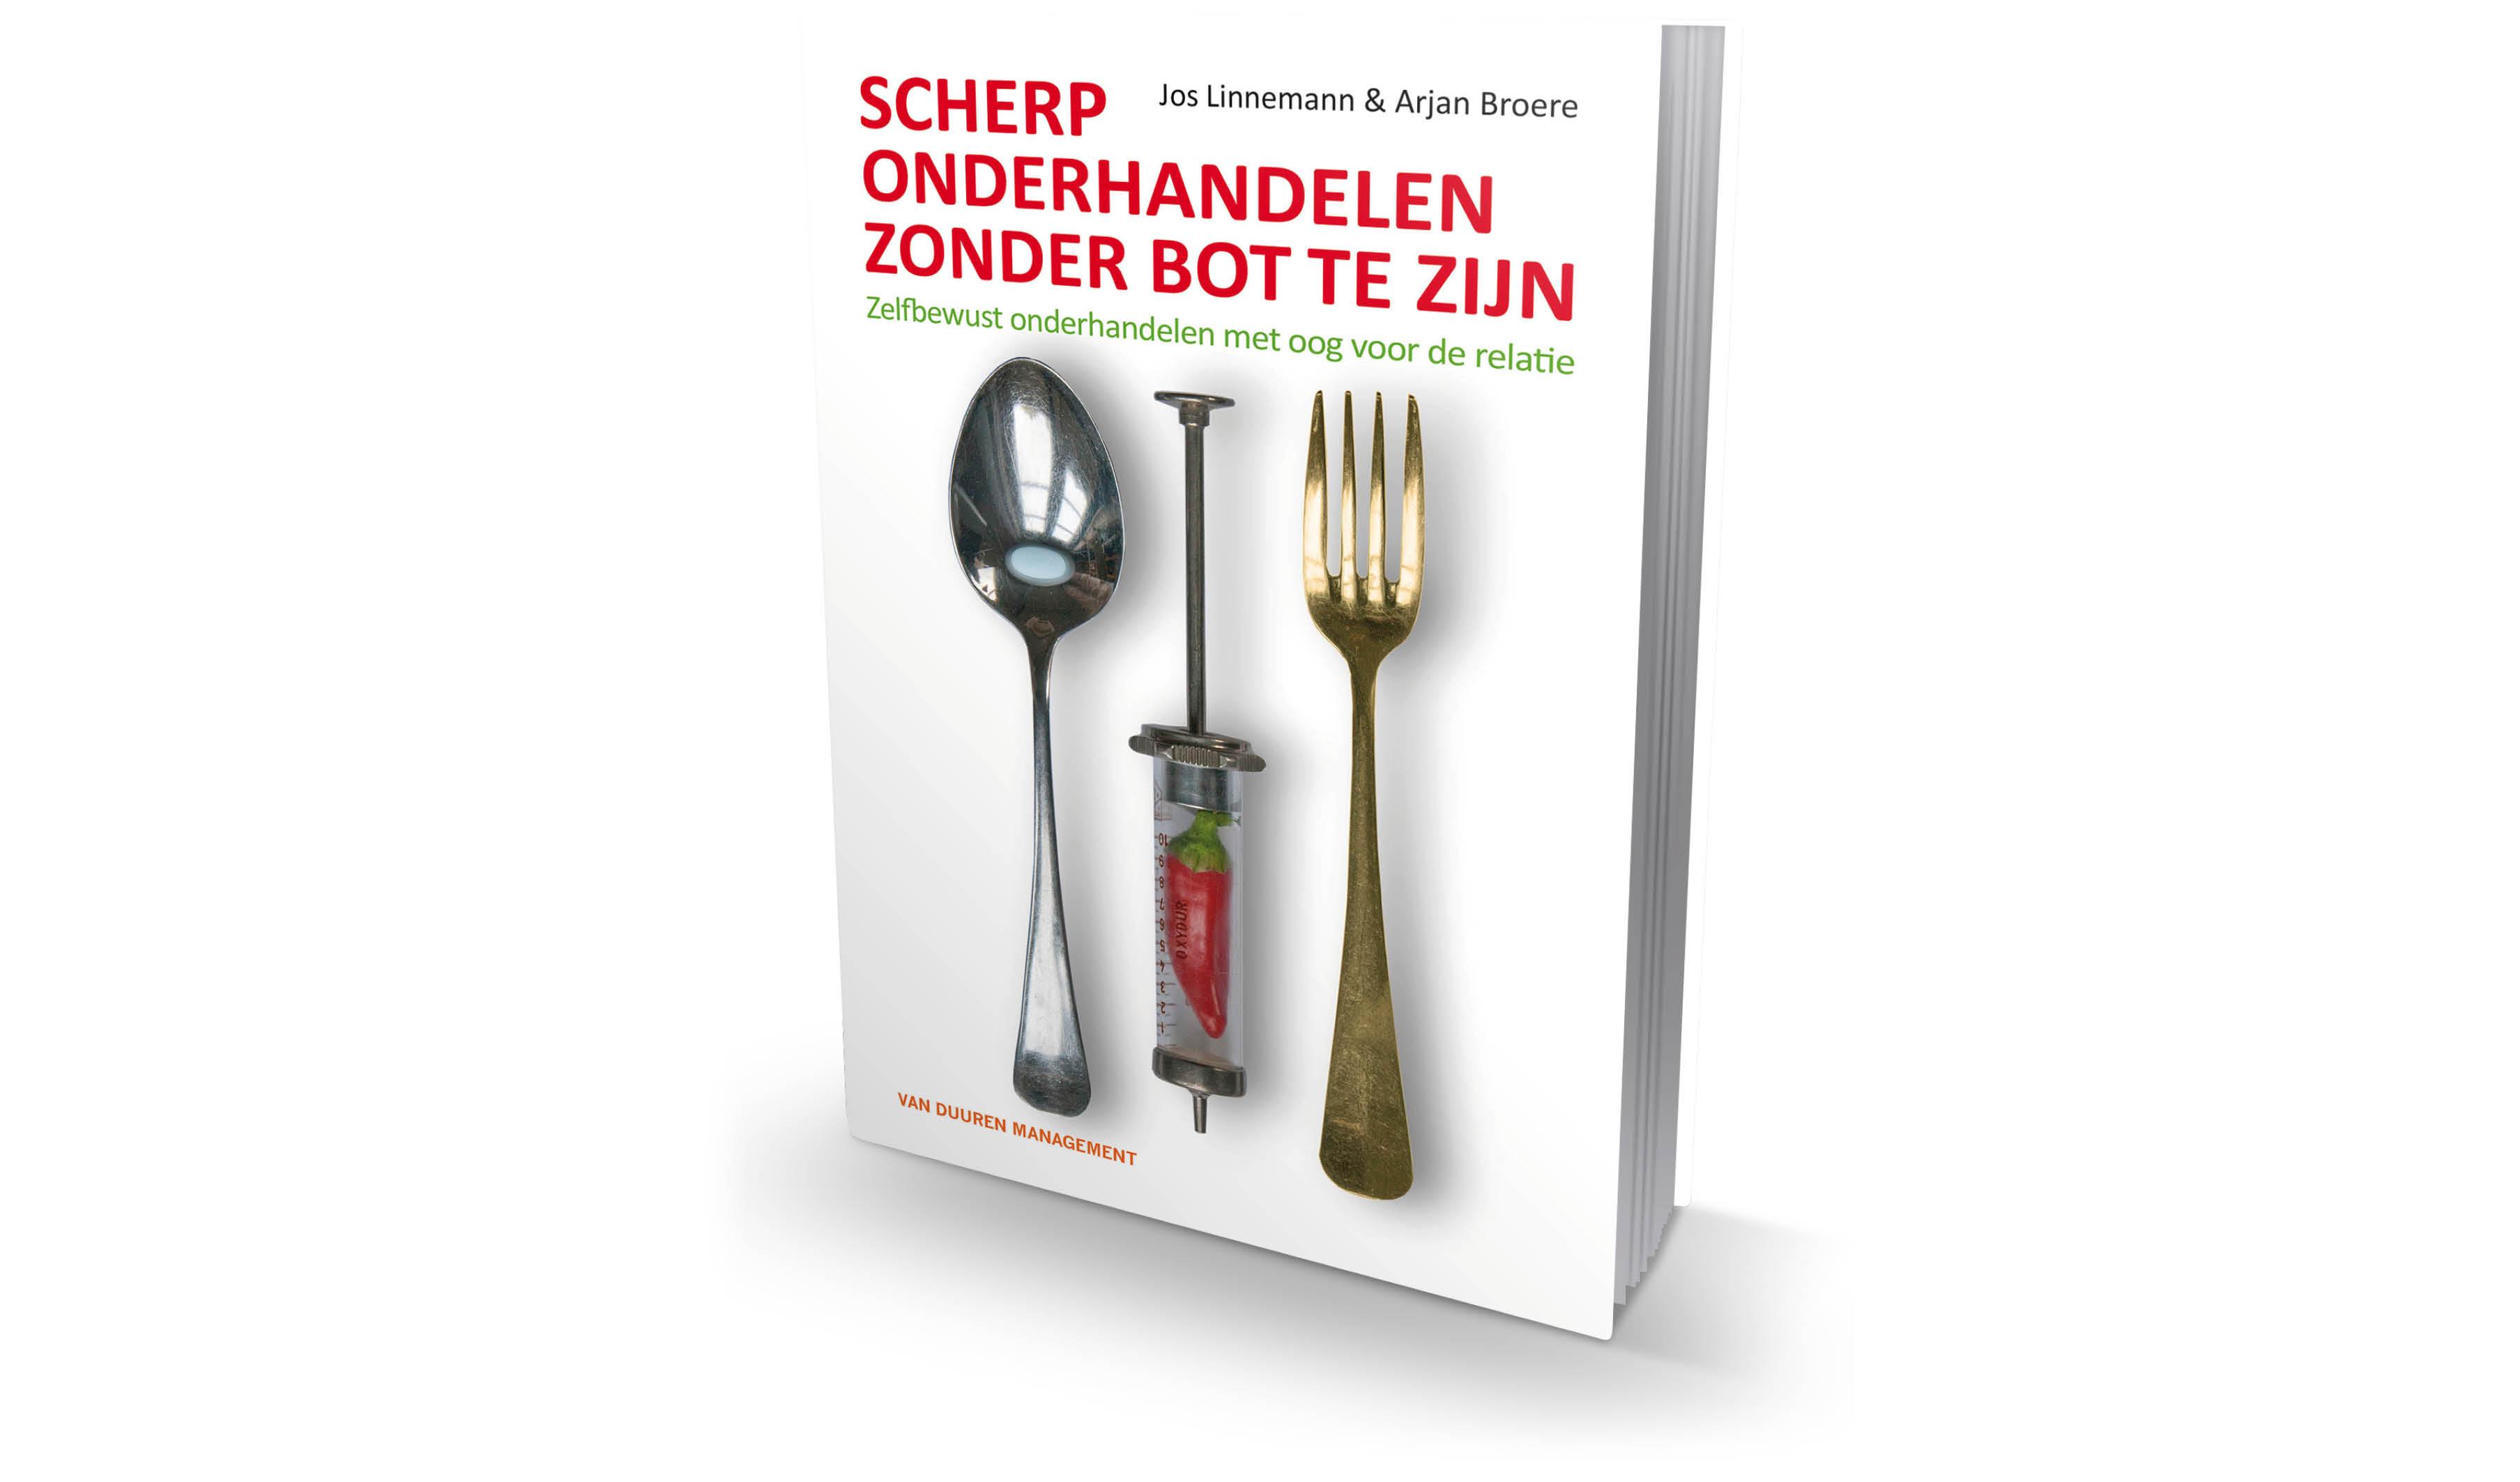 Boeken_76_306 x 180 pixels